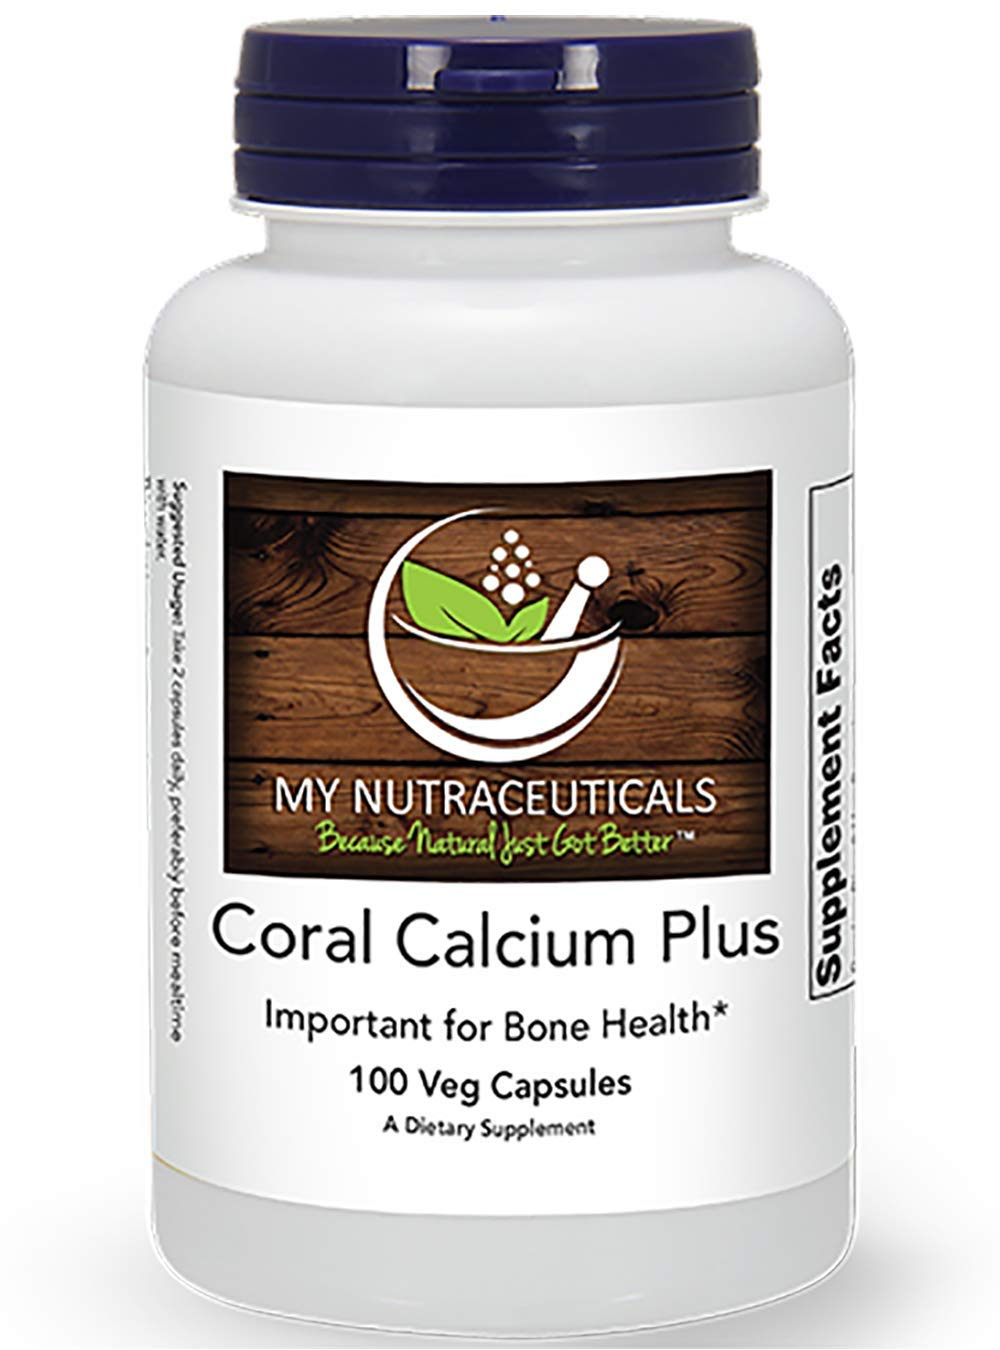 Coral Calcium Plus, My Nutra, 100% Vegetarian Capsules